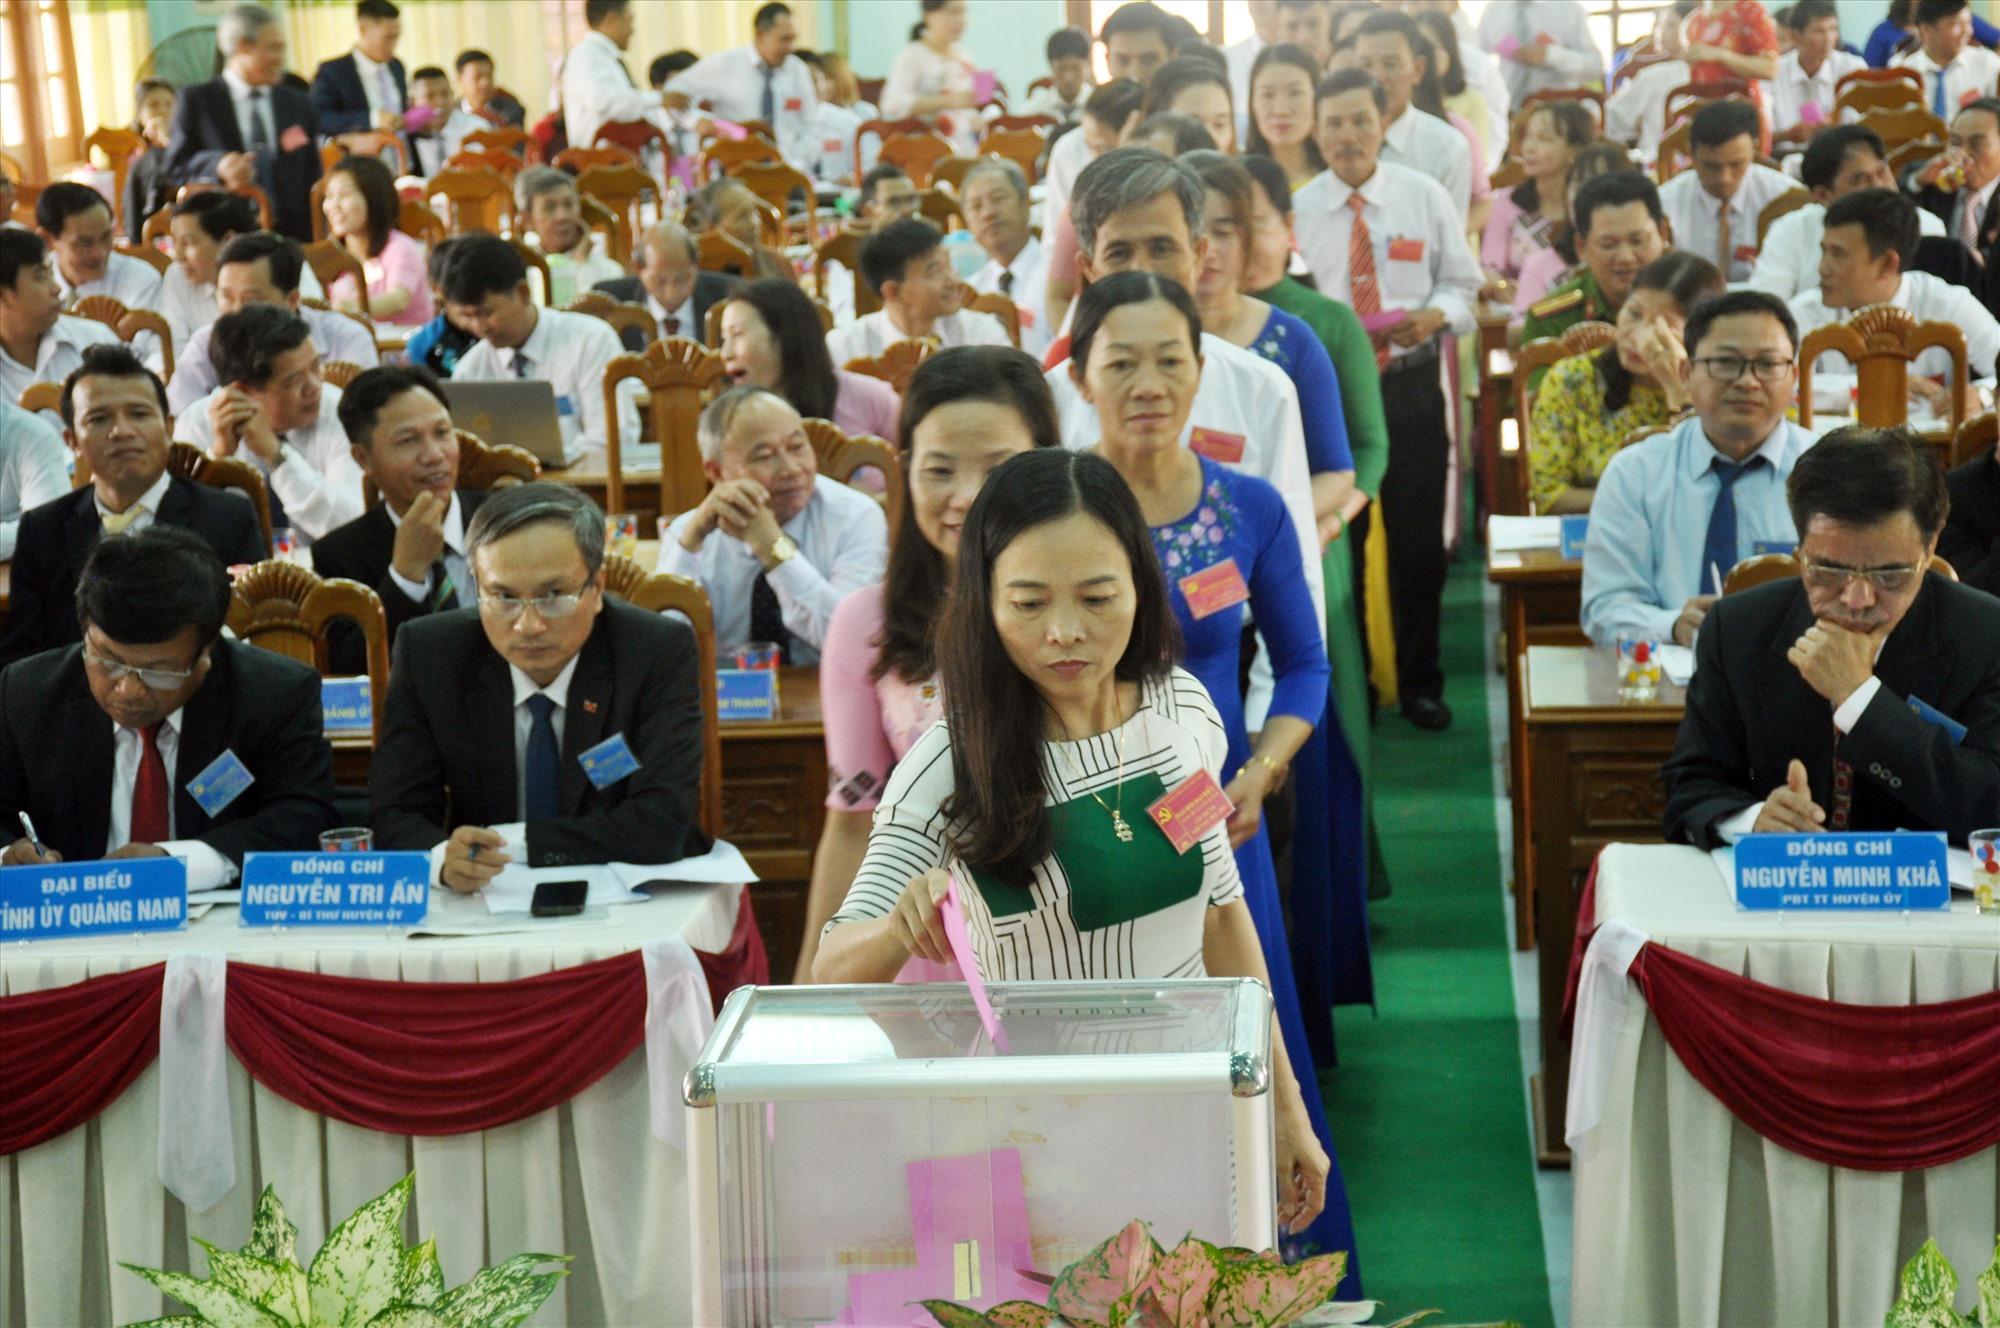 Cán bộ, đảng viên và Nhân dân Quảng Nam gửi gắm niềm tin và kỳ vọng Đại hội XIII của Đảng sẽ tạo bước đột phá mới đưa đất nước phát triển. Ảnh: N.Đ